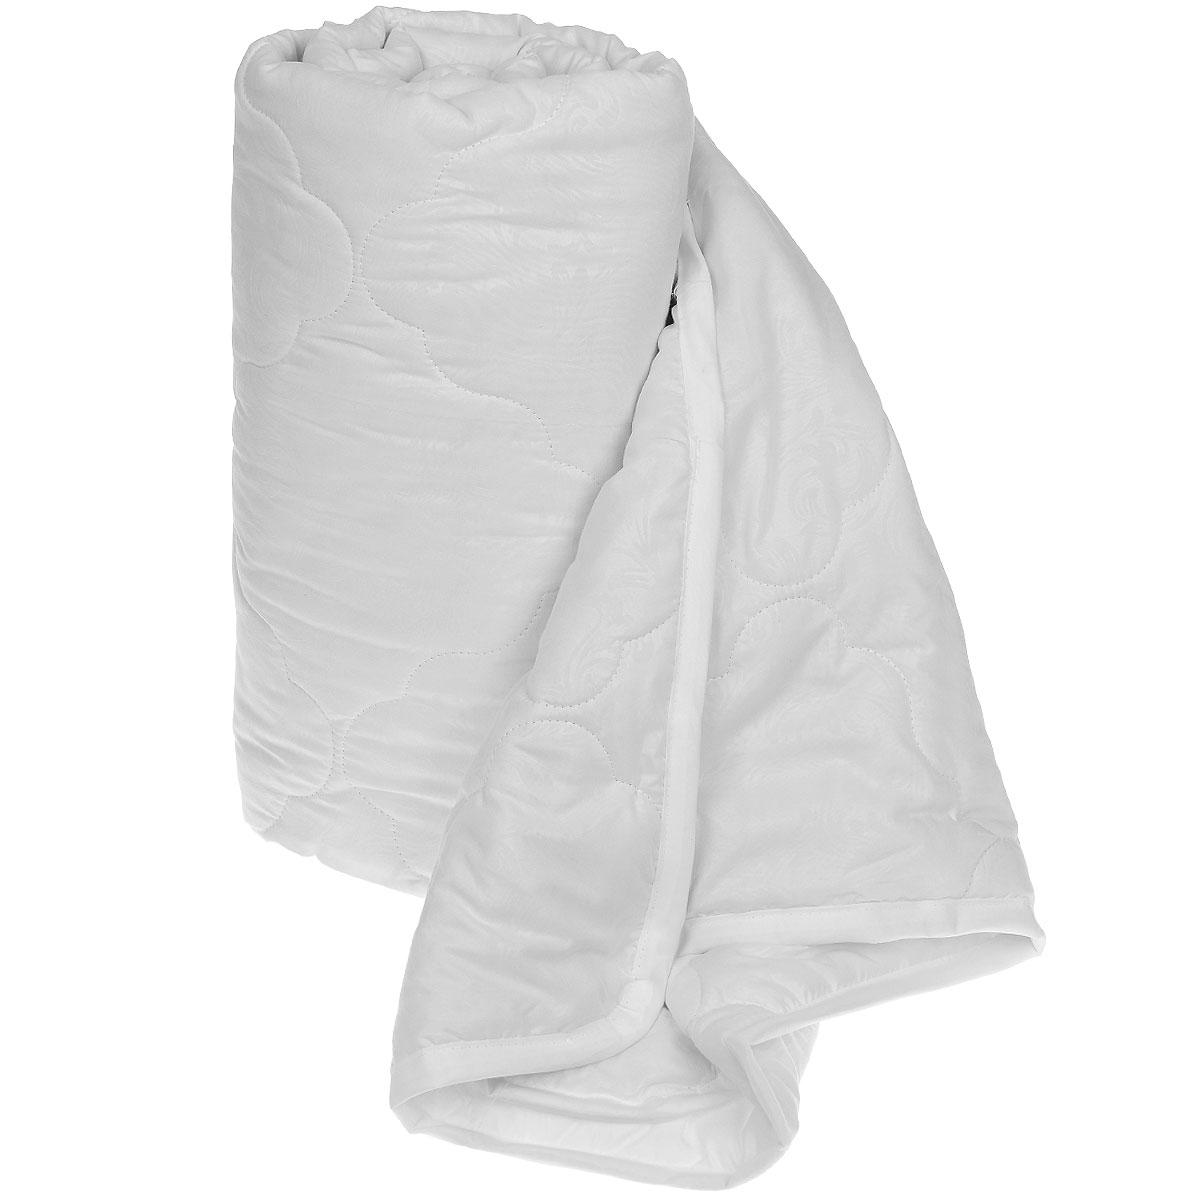 Одеяло Sova & Javoronok Бамбук, наполнитель: бамбуковое волокно, цвет: белый, 200 см х 220 см05030116084Одеяло Sova & Javoronok Бамбук подарит комфорт и уют во время сна. Чехол, выполненный из микрофибры (100% полиэстера), оформлен стежкой и надежно удерживает наполнитель внутри. Волокно на основе бамбука - инновационный наполнитель, обладающий за счет своей пористой структуры хорошей воздухонепроницаемостью и высокой гигроскопичностью, обеспечивает оптимальный уровень влажности во время сна и создает чувство прохлады в жаркие дни. Антибактериальный эффект наполнителя достигается за счет содержания в нем специального компонента, а также за счет поглощения влаги, что создает сухой микроклимат, препятствующий росту бактерий. Основные свойства волокна: - хорошая терморегуляция, - свободная циркуляция воздуха, - антибактериальные свойства, - повышенная гигроскопичность, - мягкость и легкость, - удобство в эксплуатации и легкость стирки. Рекомендации по уходу: - Стирка запрещена. - Не отбеливать, не...